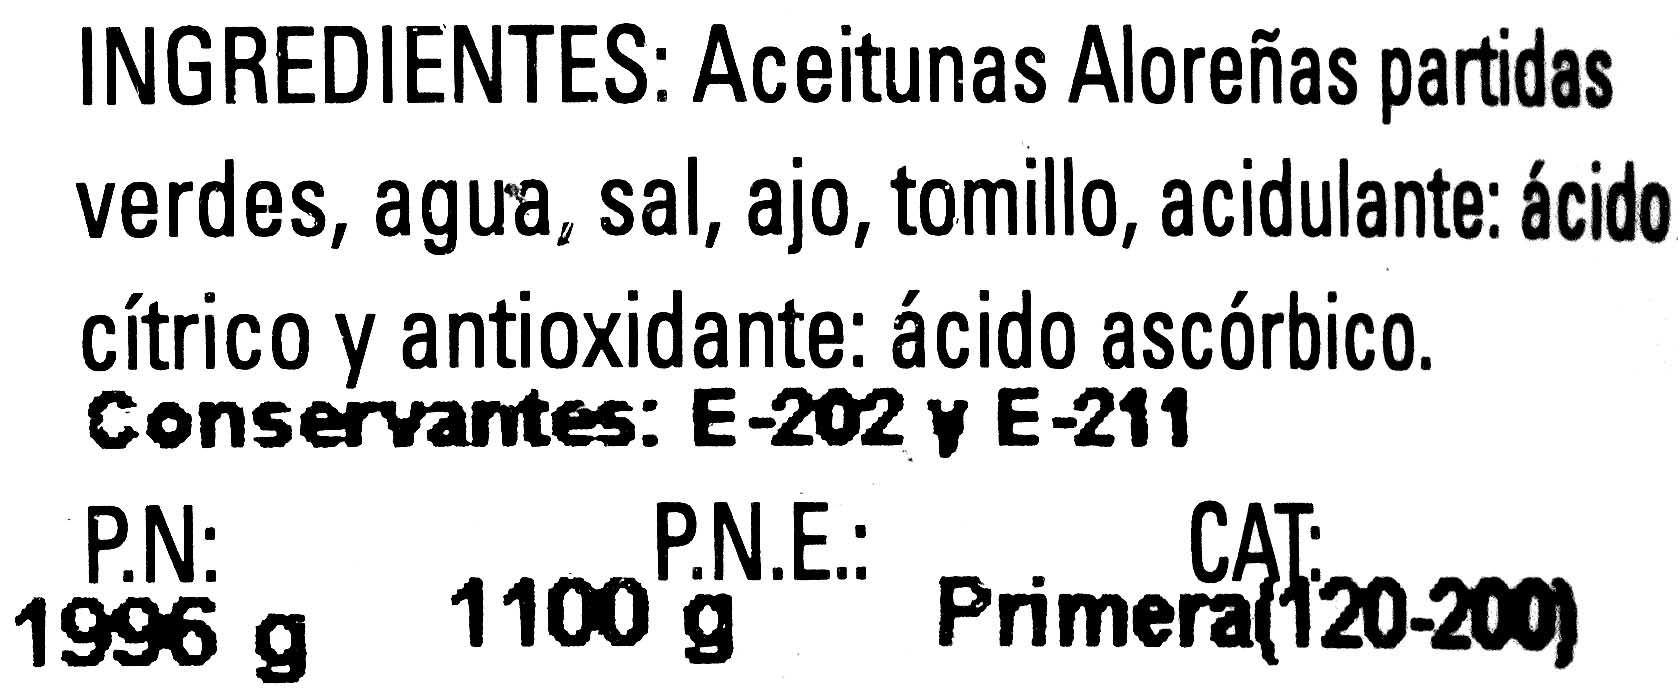 Aceitunas verdes partidas Aloreña de Málaga - Ingredientes - es